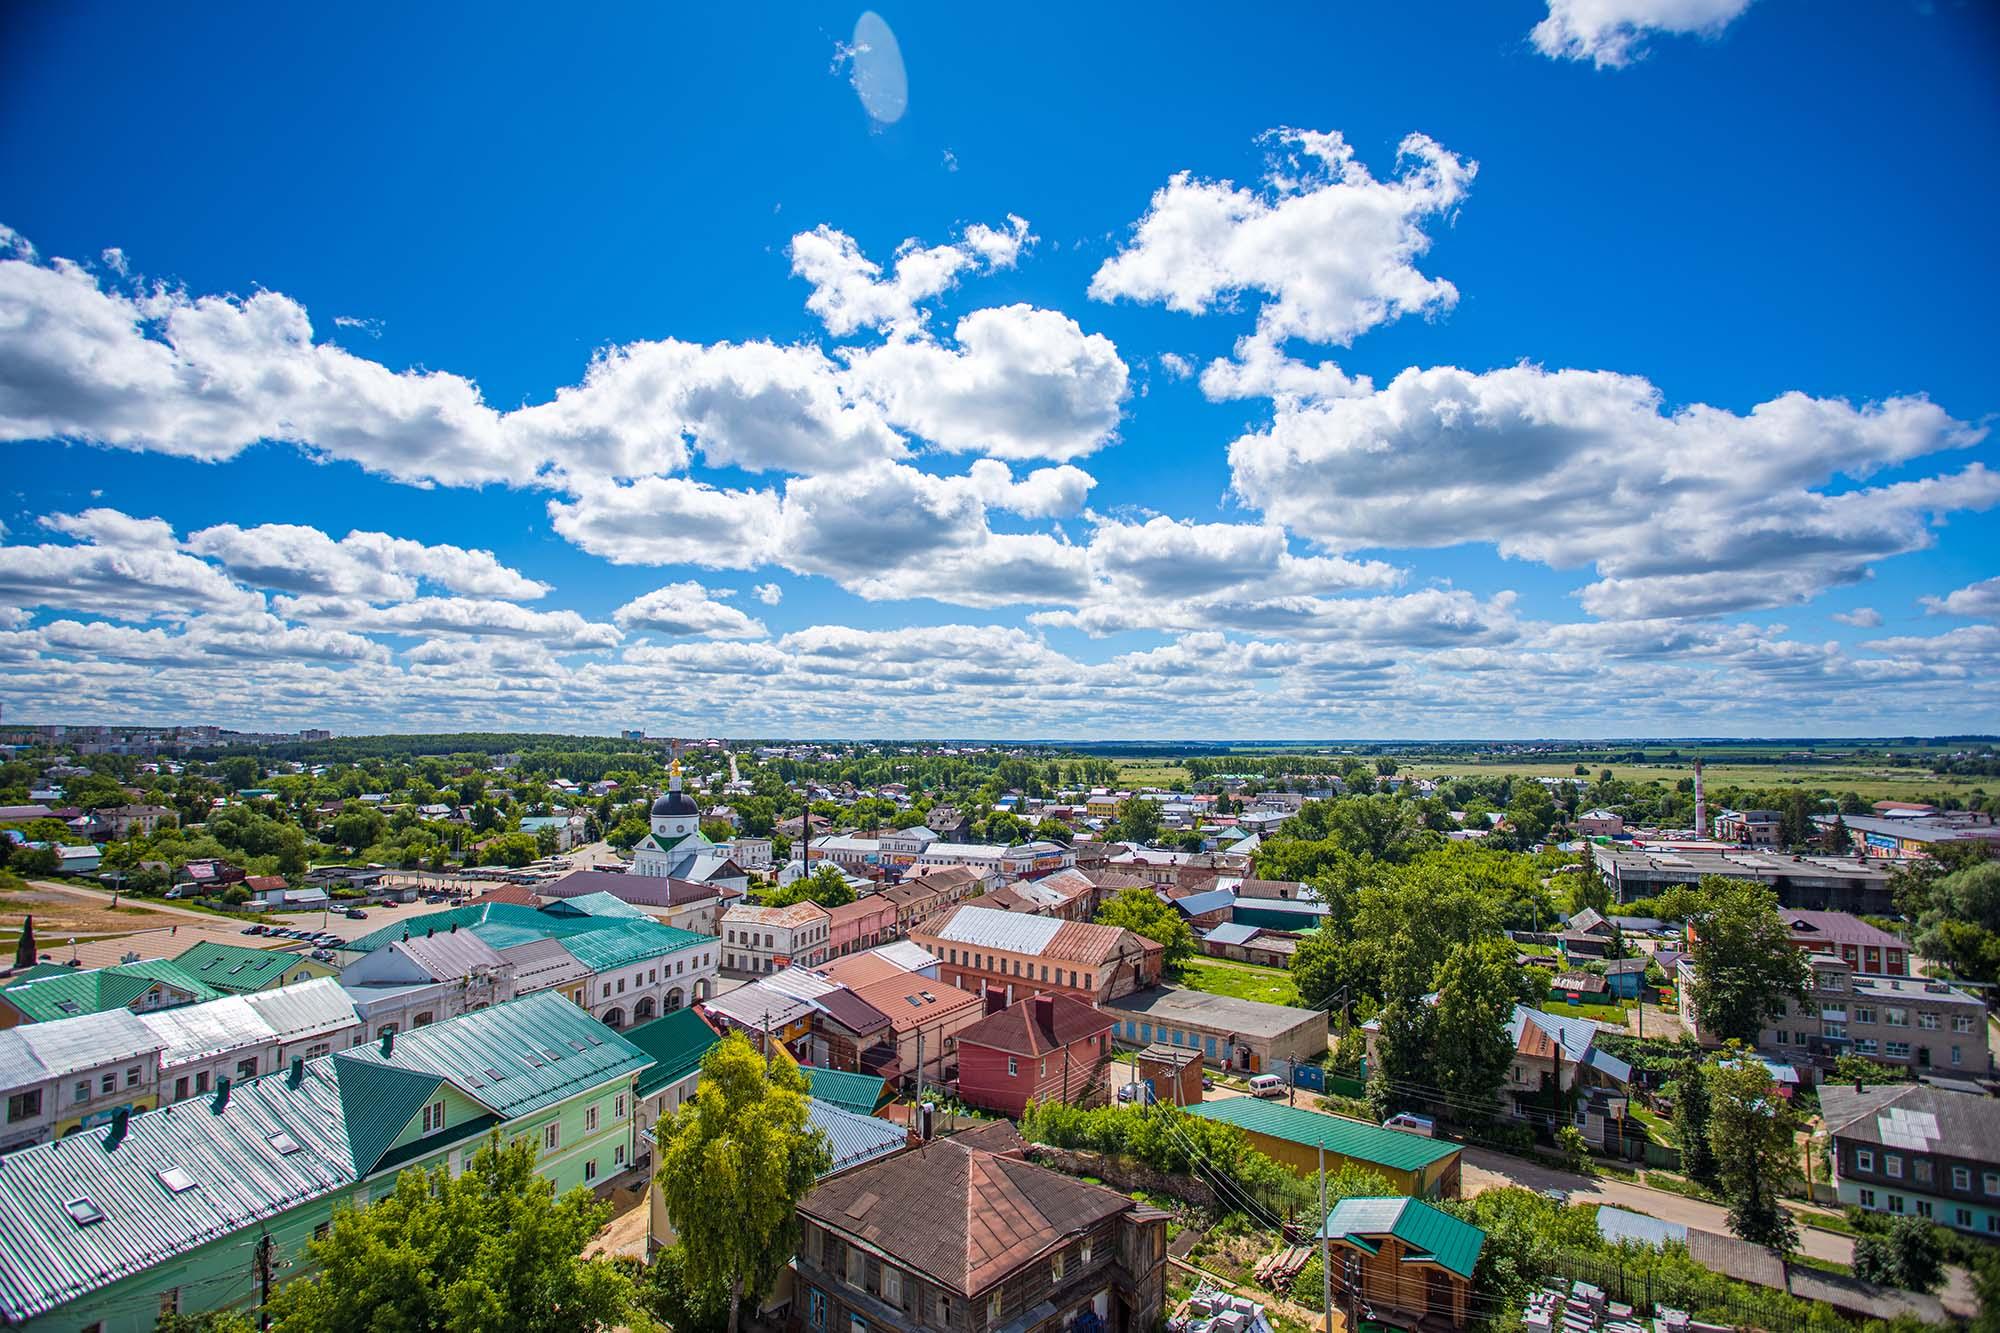 День города в Арзамасе пройдет 29 августа